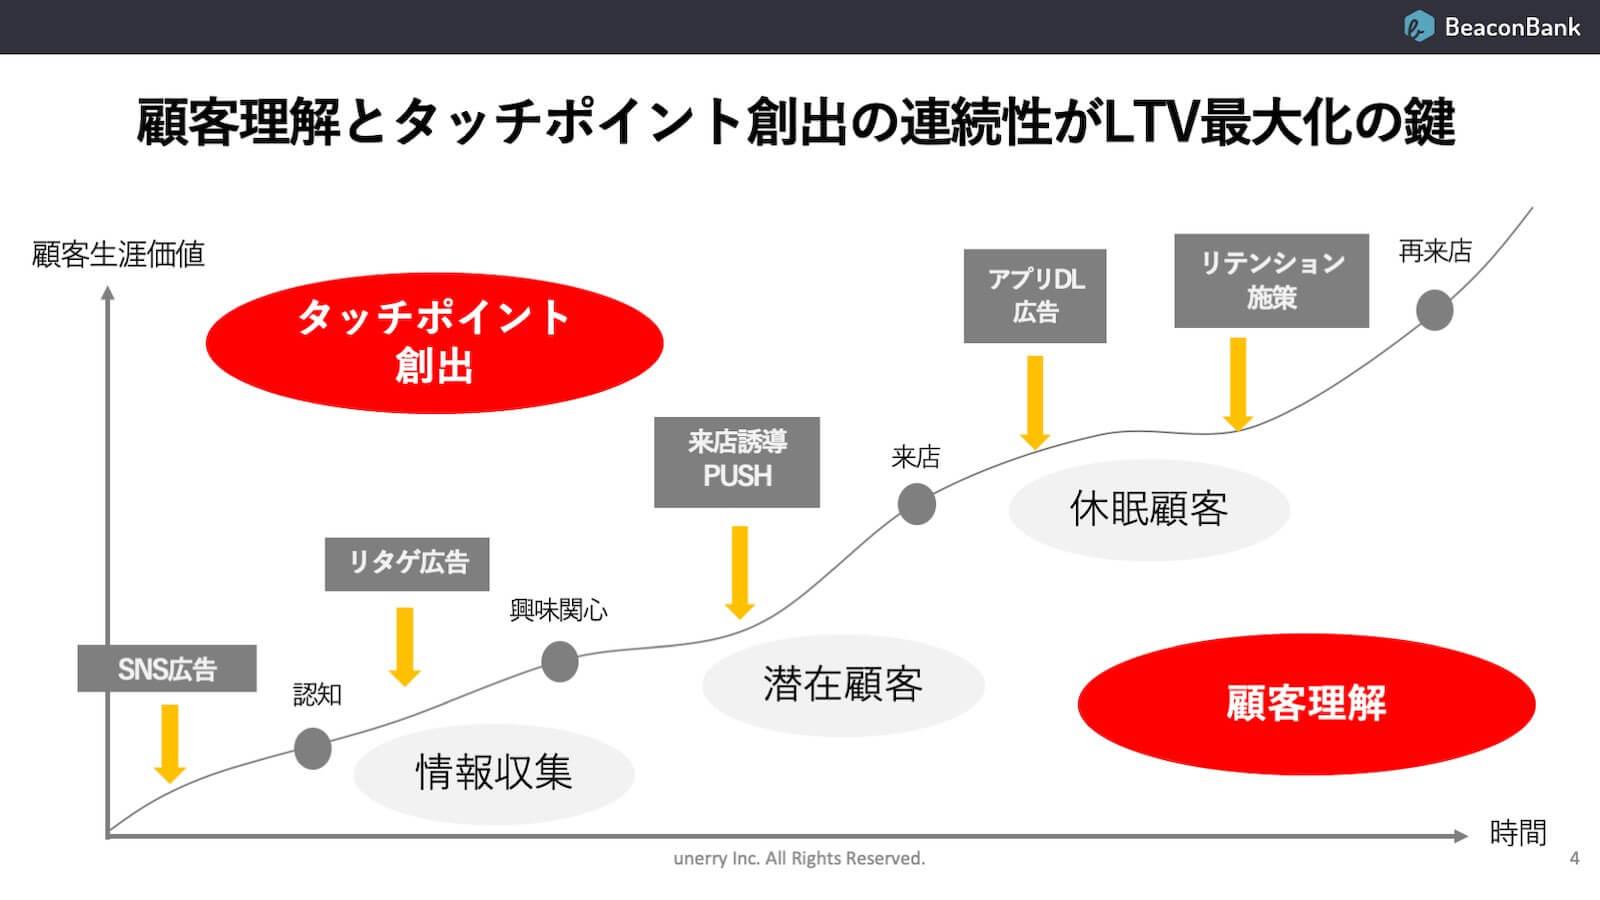 資料:顧客理解とタッチポイント創出の連続性がLTV最大化の鍵